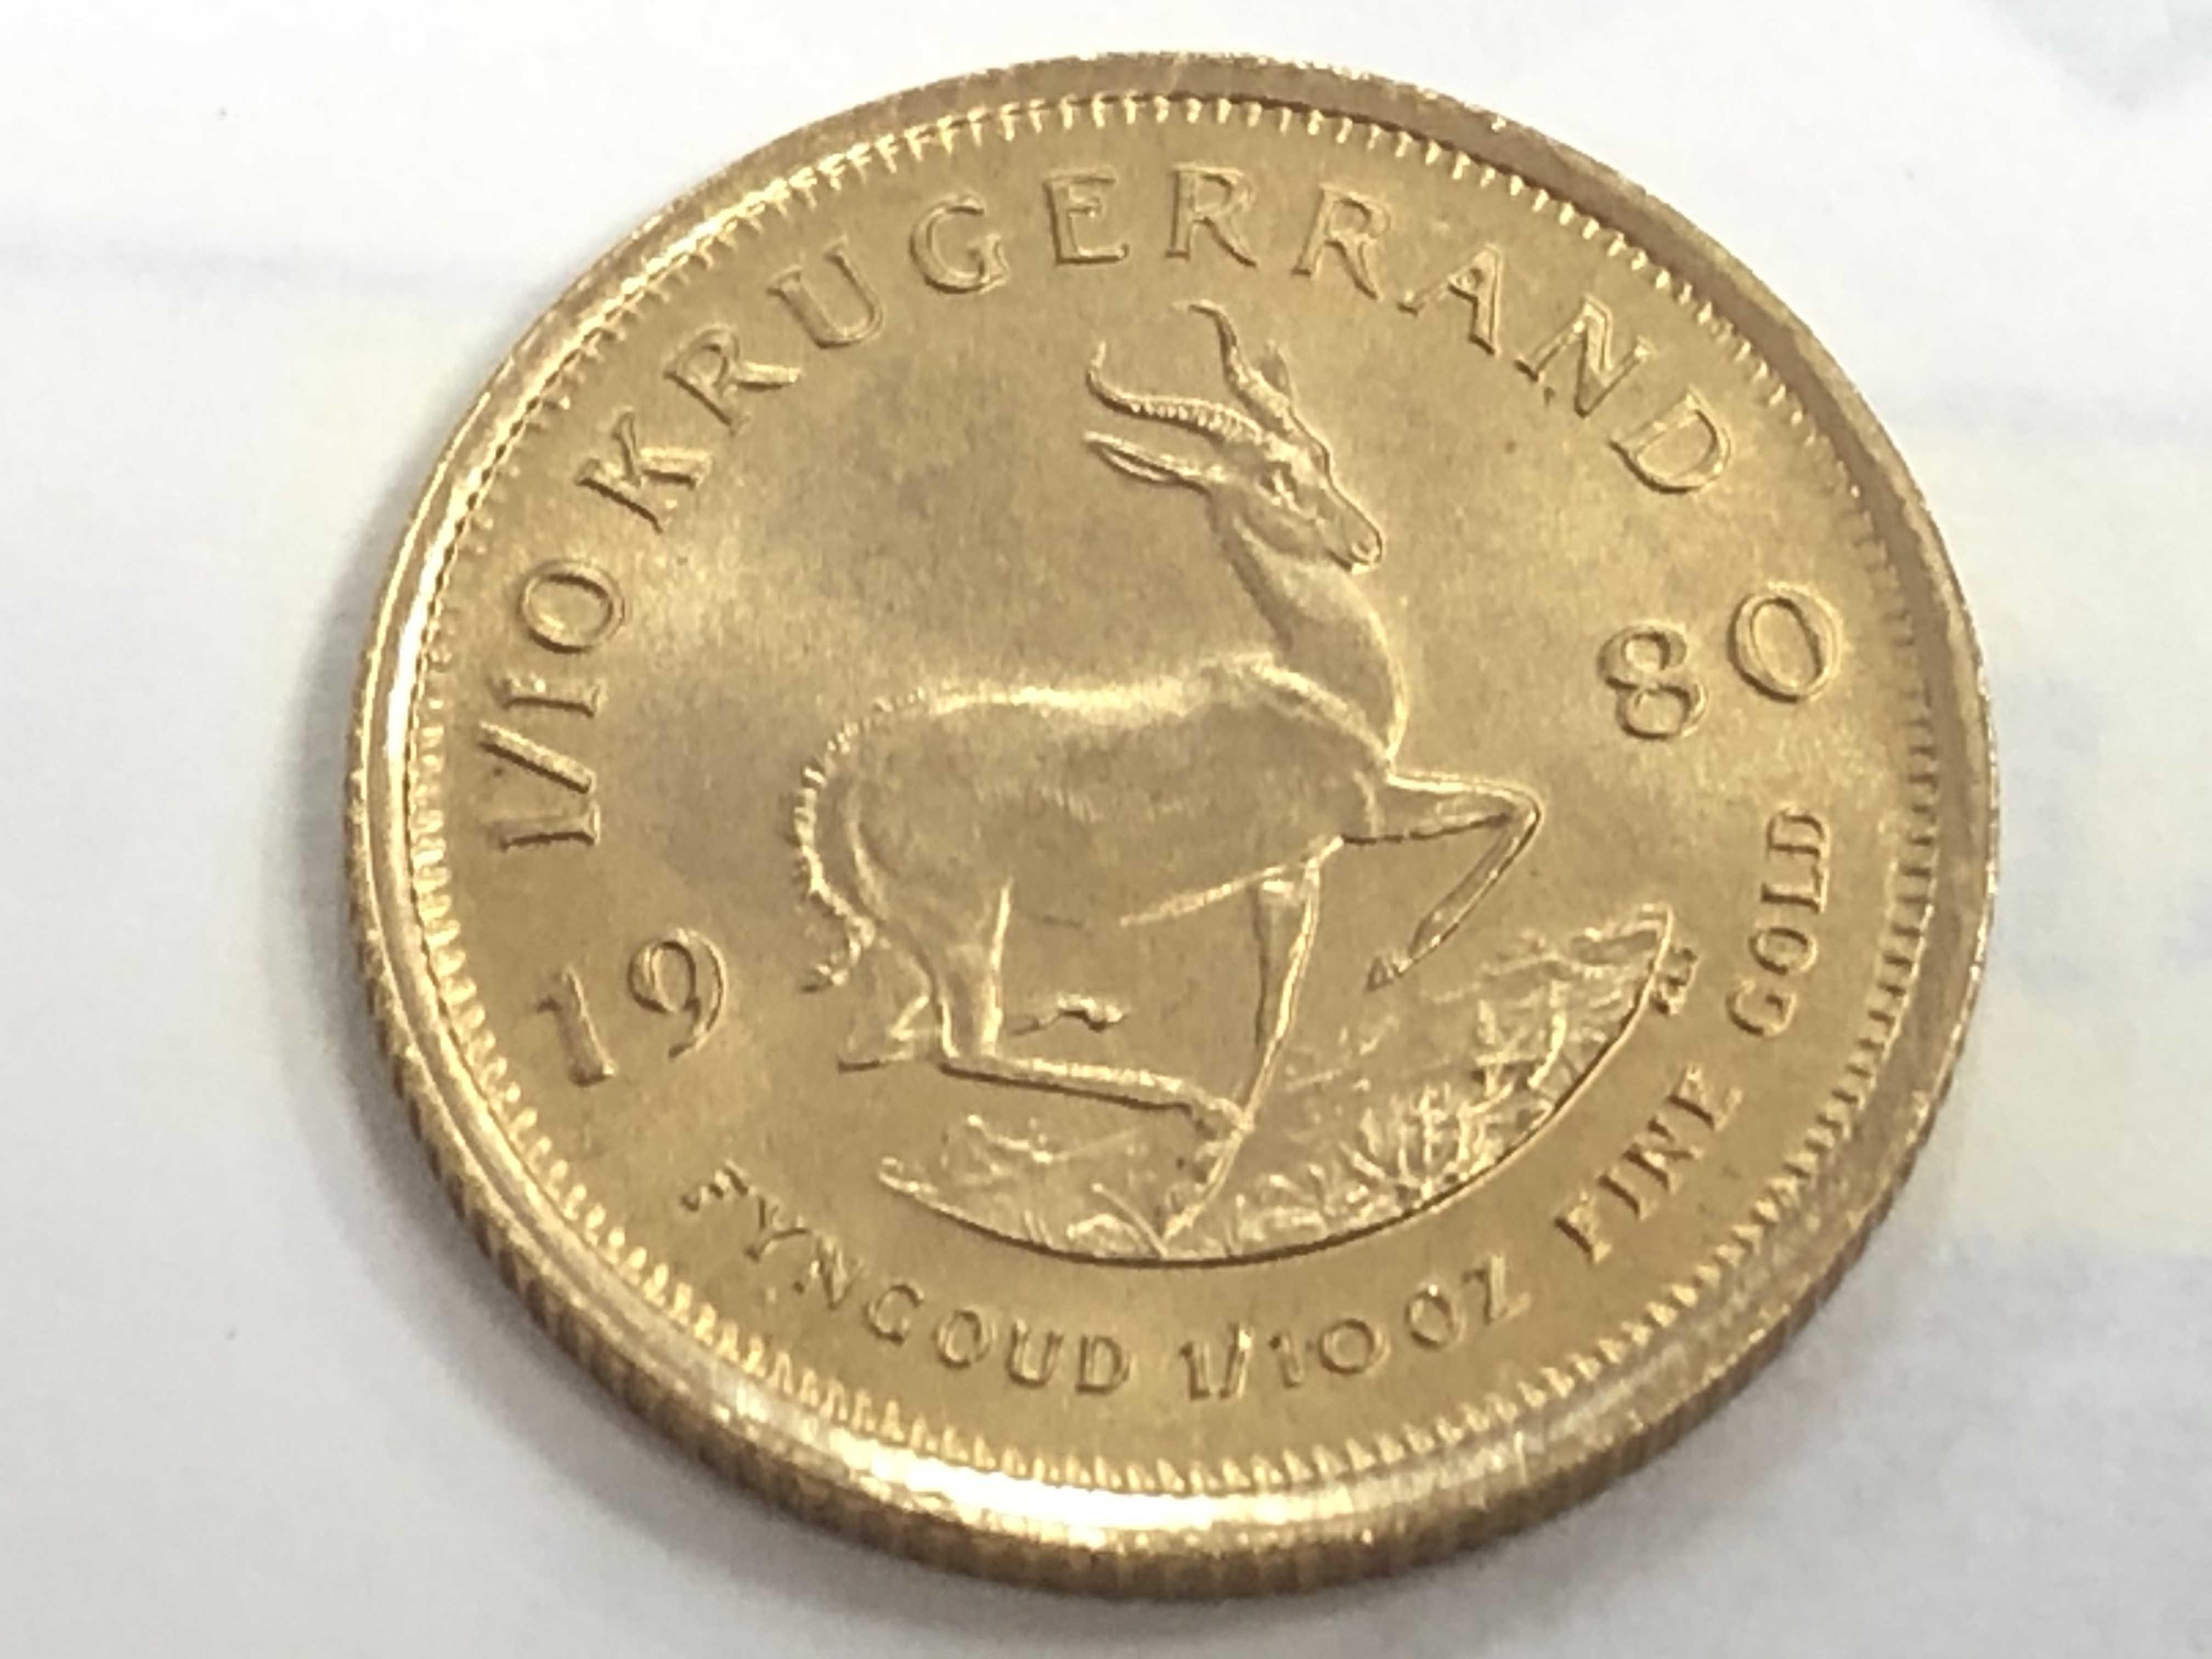 金買取 22金クルーガーランド金貨